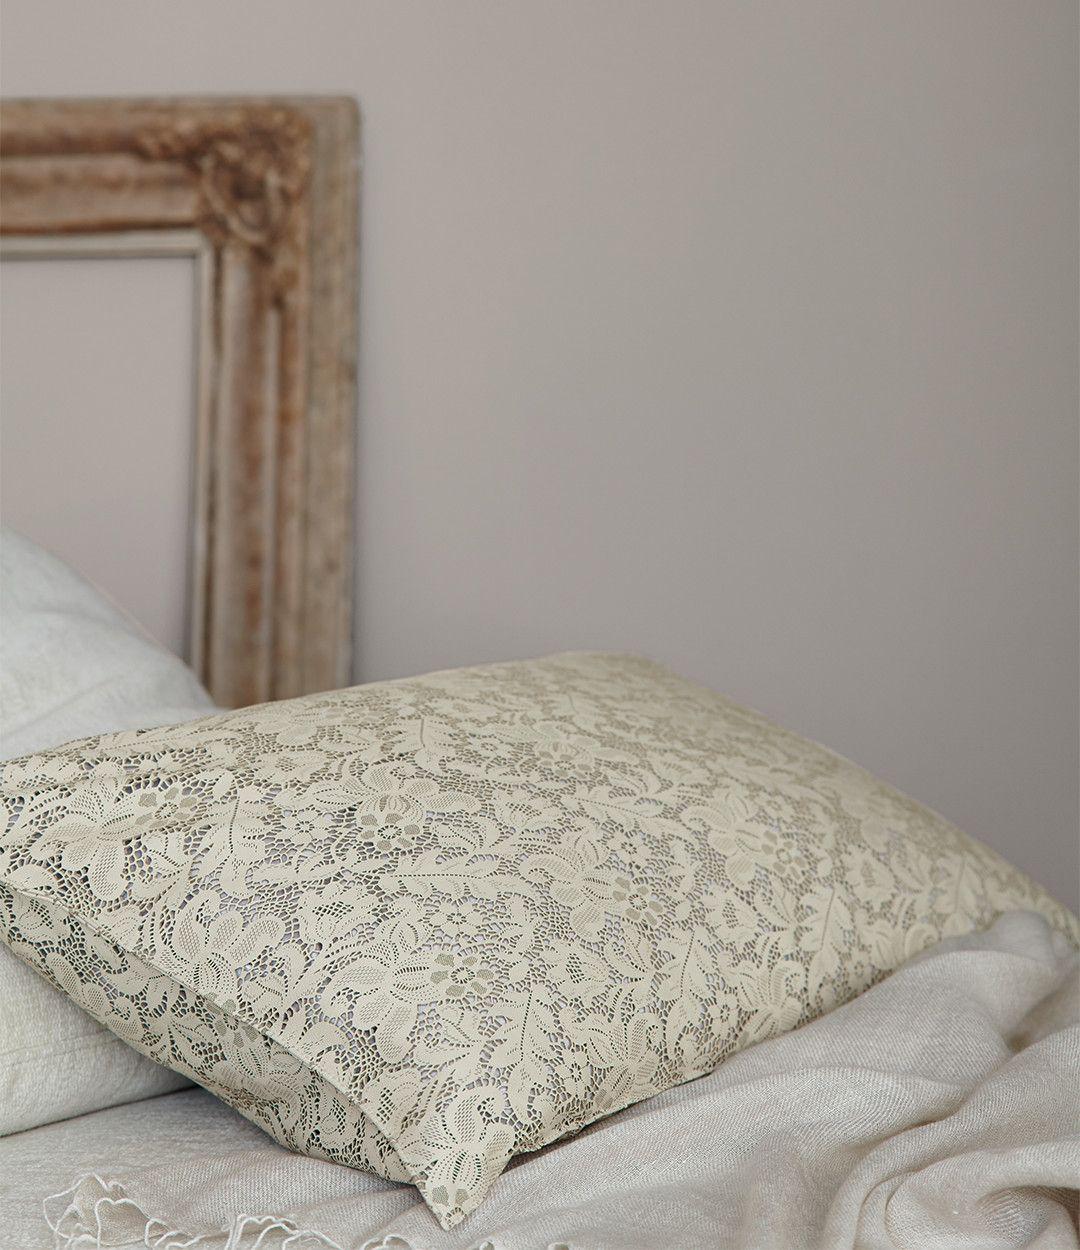 alpina feine farben no 06 d cher von paris farbkombinationen aus anthrazit wei und silber. Black Bedroom Furniture Sets. Home Design Ideas